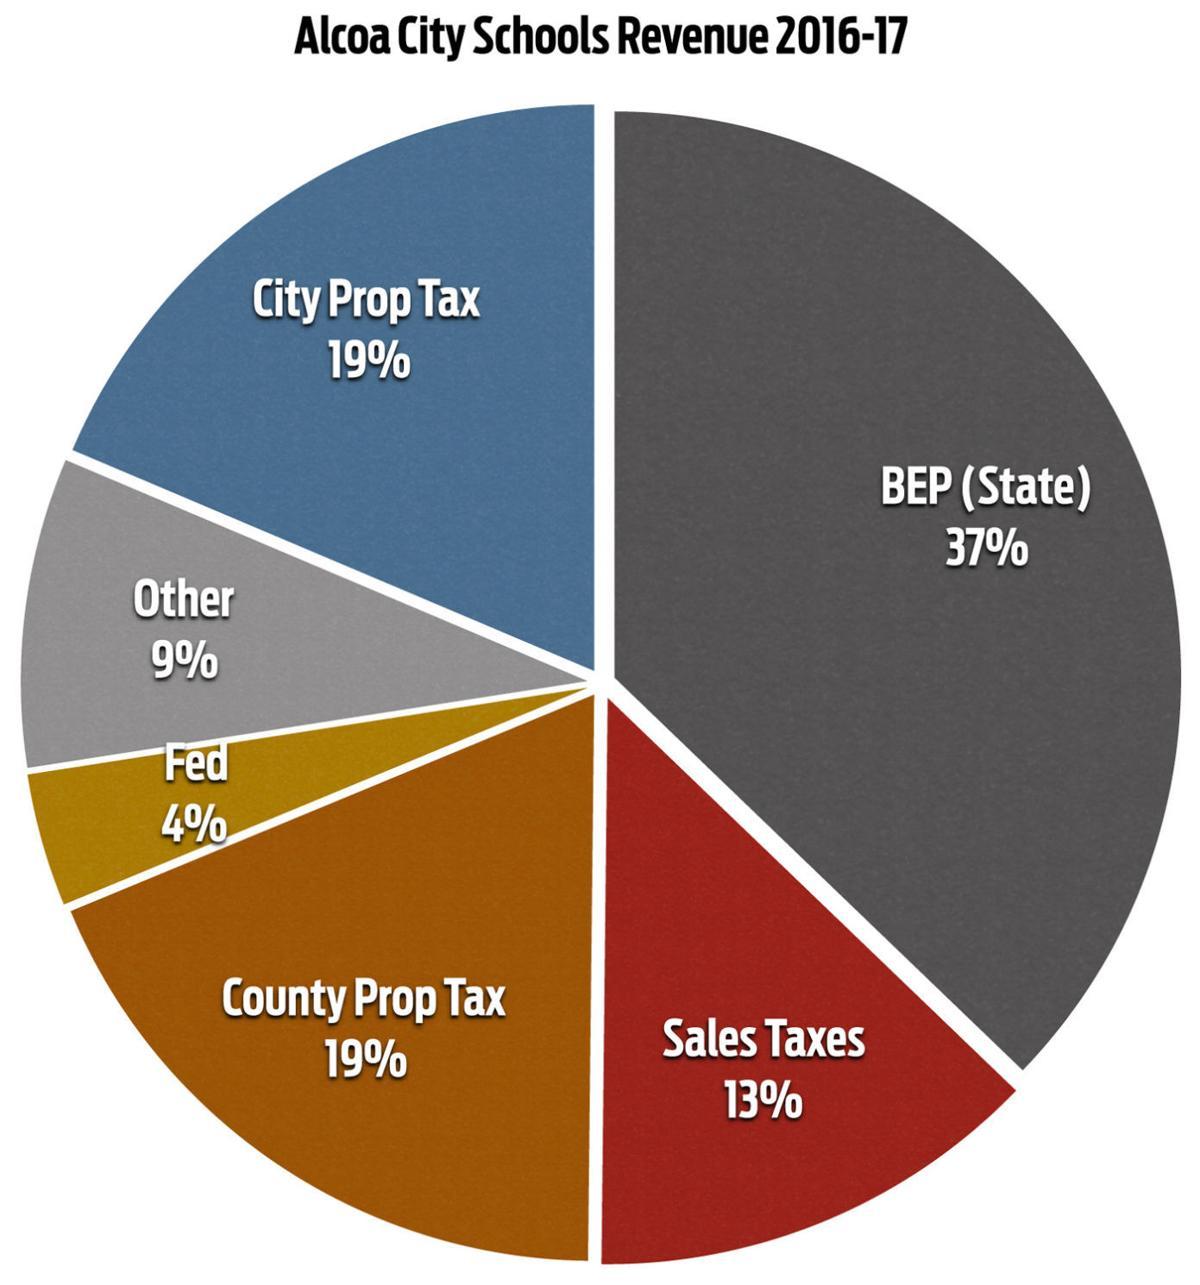 Alcoa City Schools 2016-17 Revenues